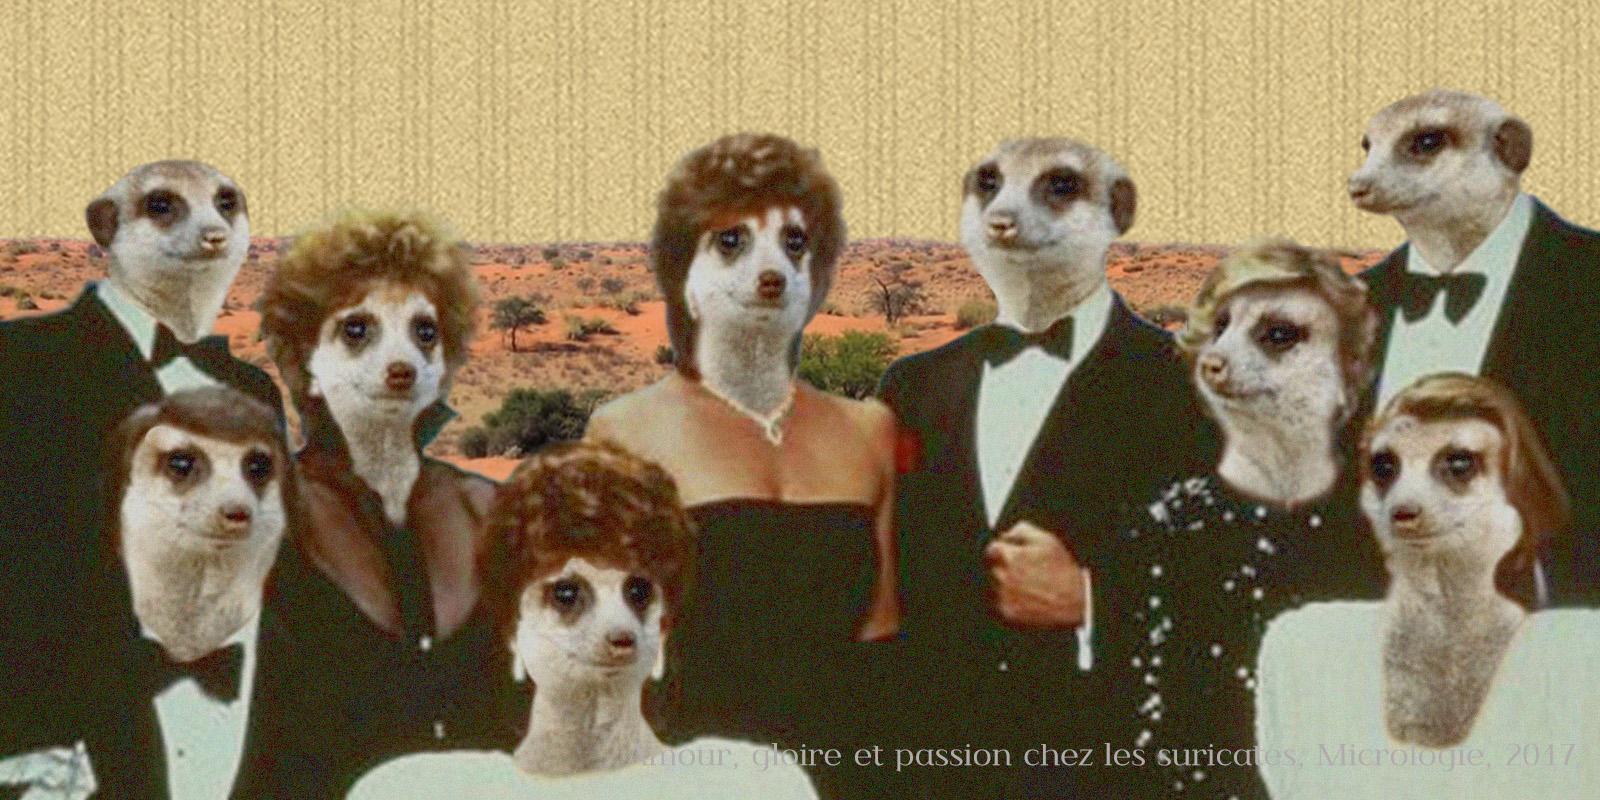 amour, gloire et passion chez les suricates, micrologie